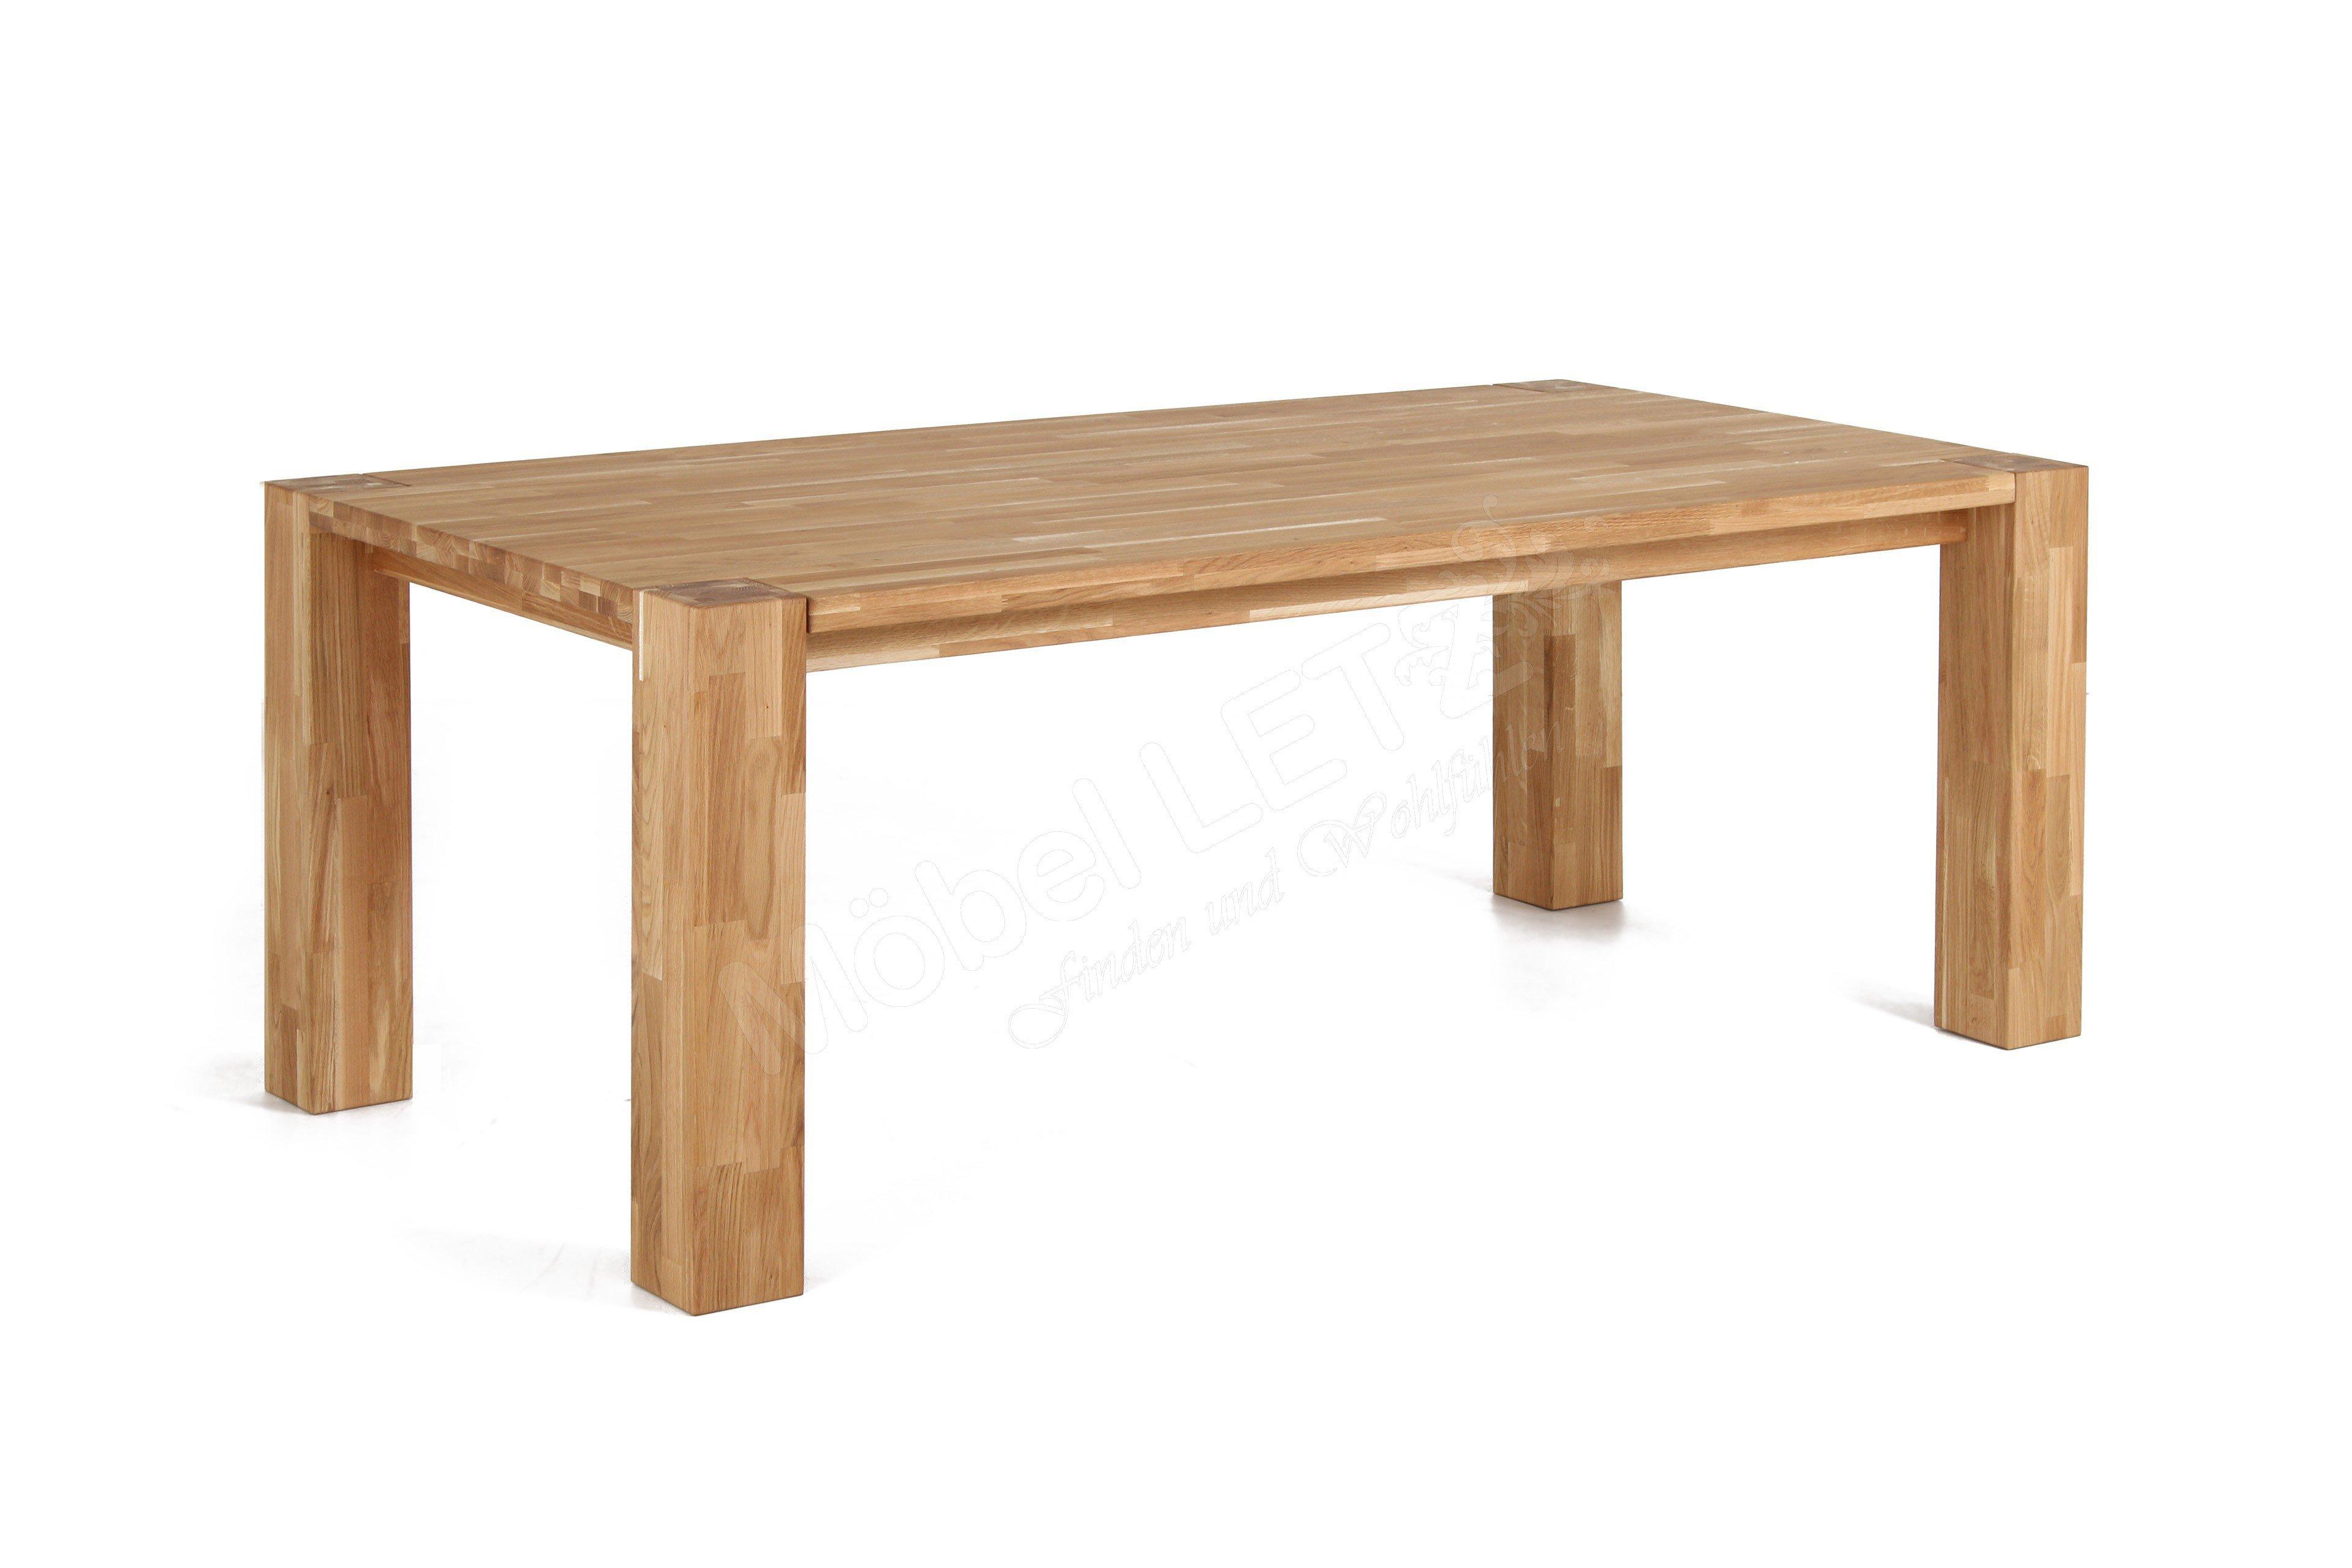 Wunderschön Tisch Massiv Ideen Von Big Oak Von Massiv.direkt - Wildeiche Ca.